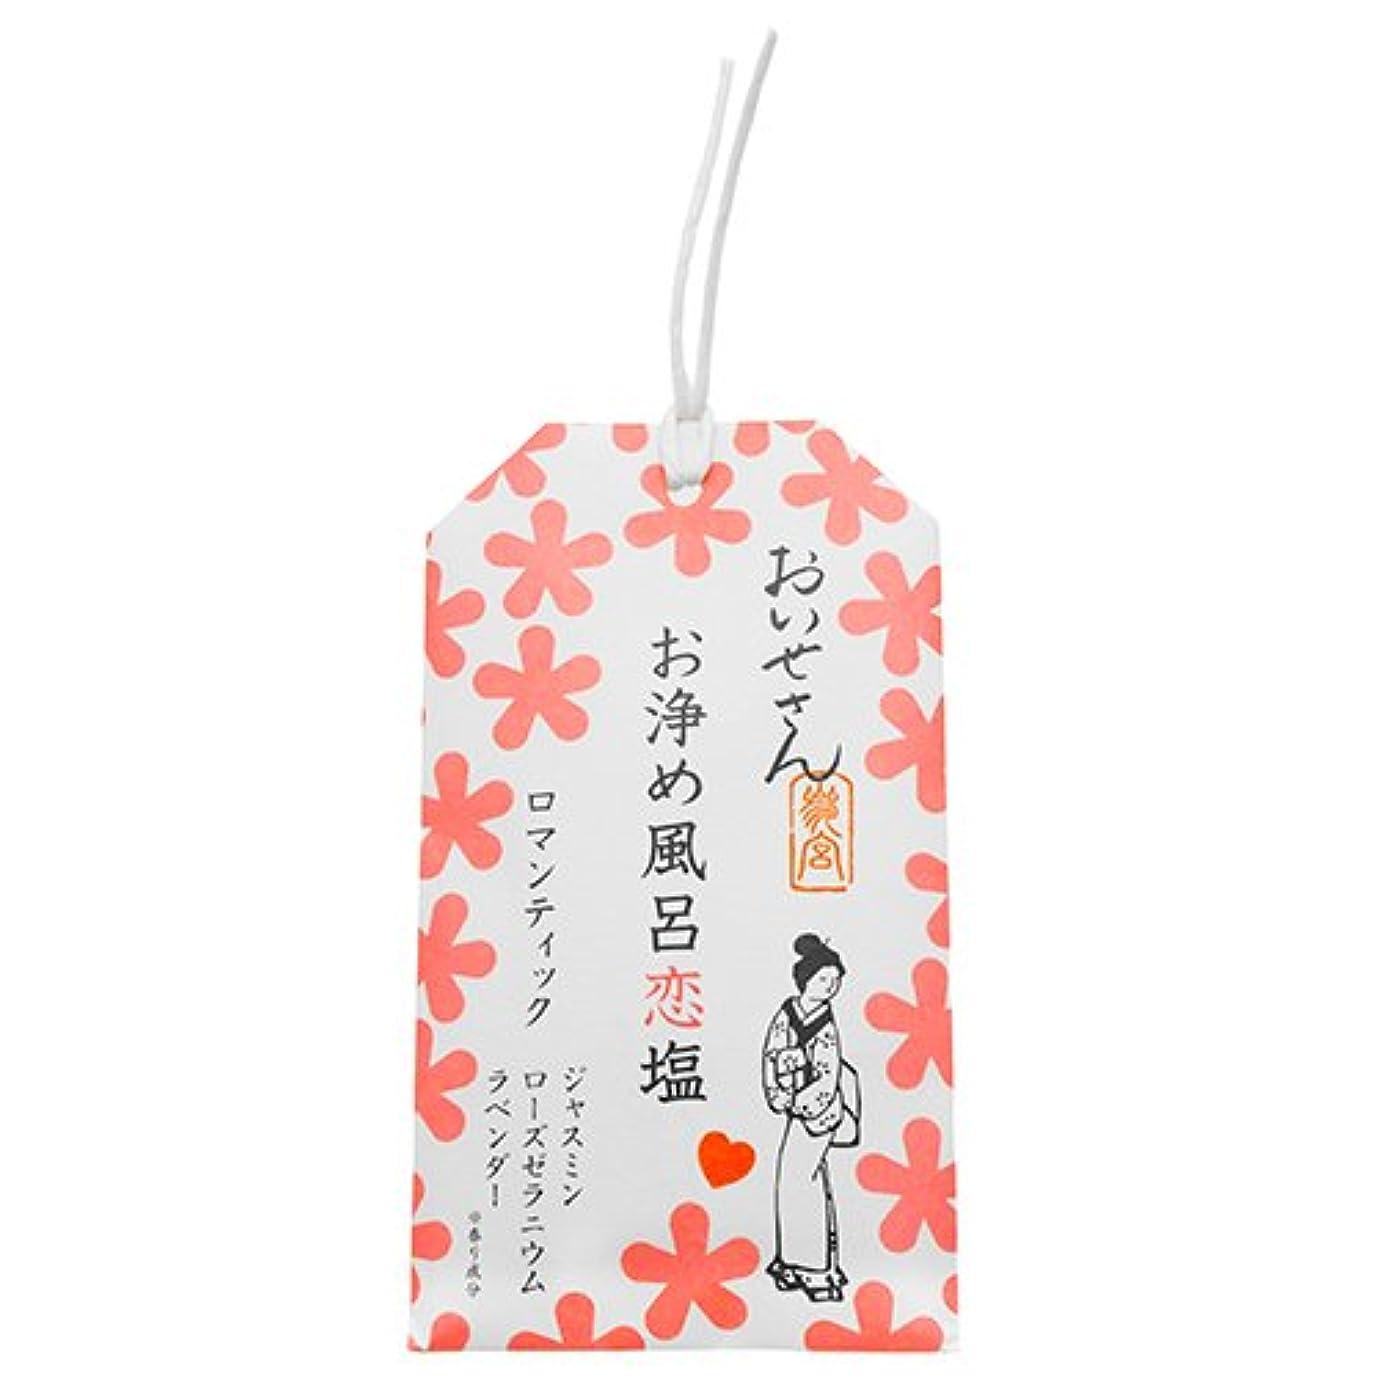 フェロー諸島無限食料品店おいせさん お浄め風呂恋塩(ロマンティック)